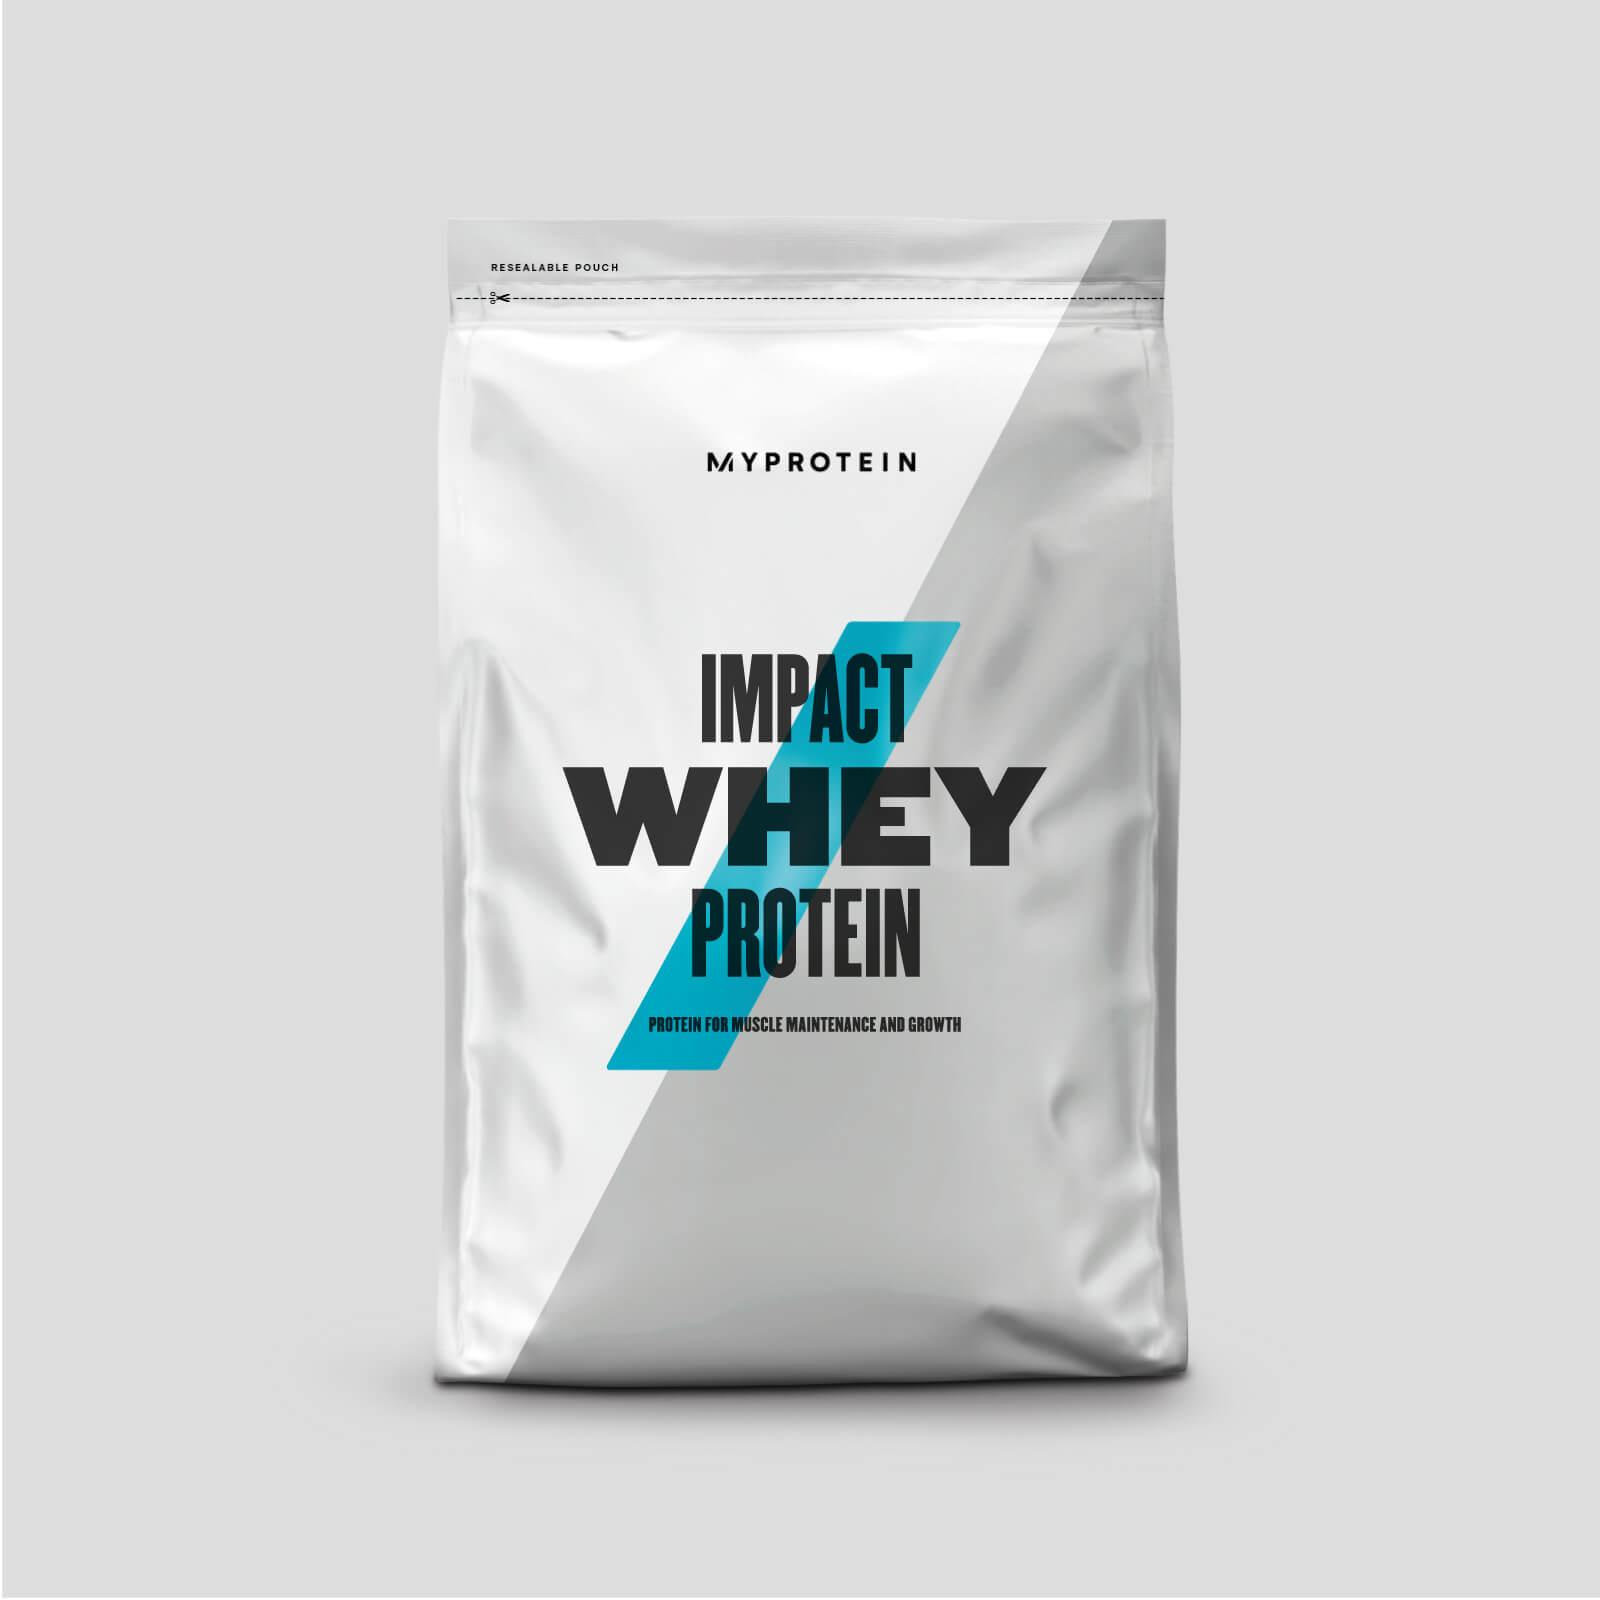 Myprotein Impact Whey Protein - 1kg - Limited Edition Cherry Yoghurt